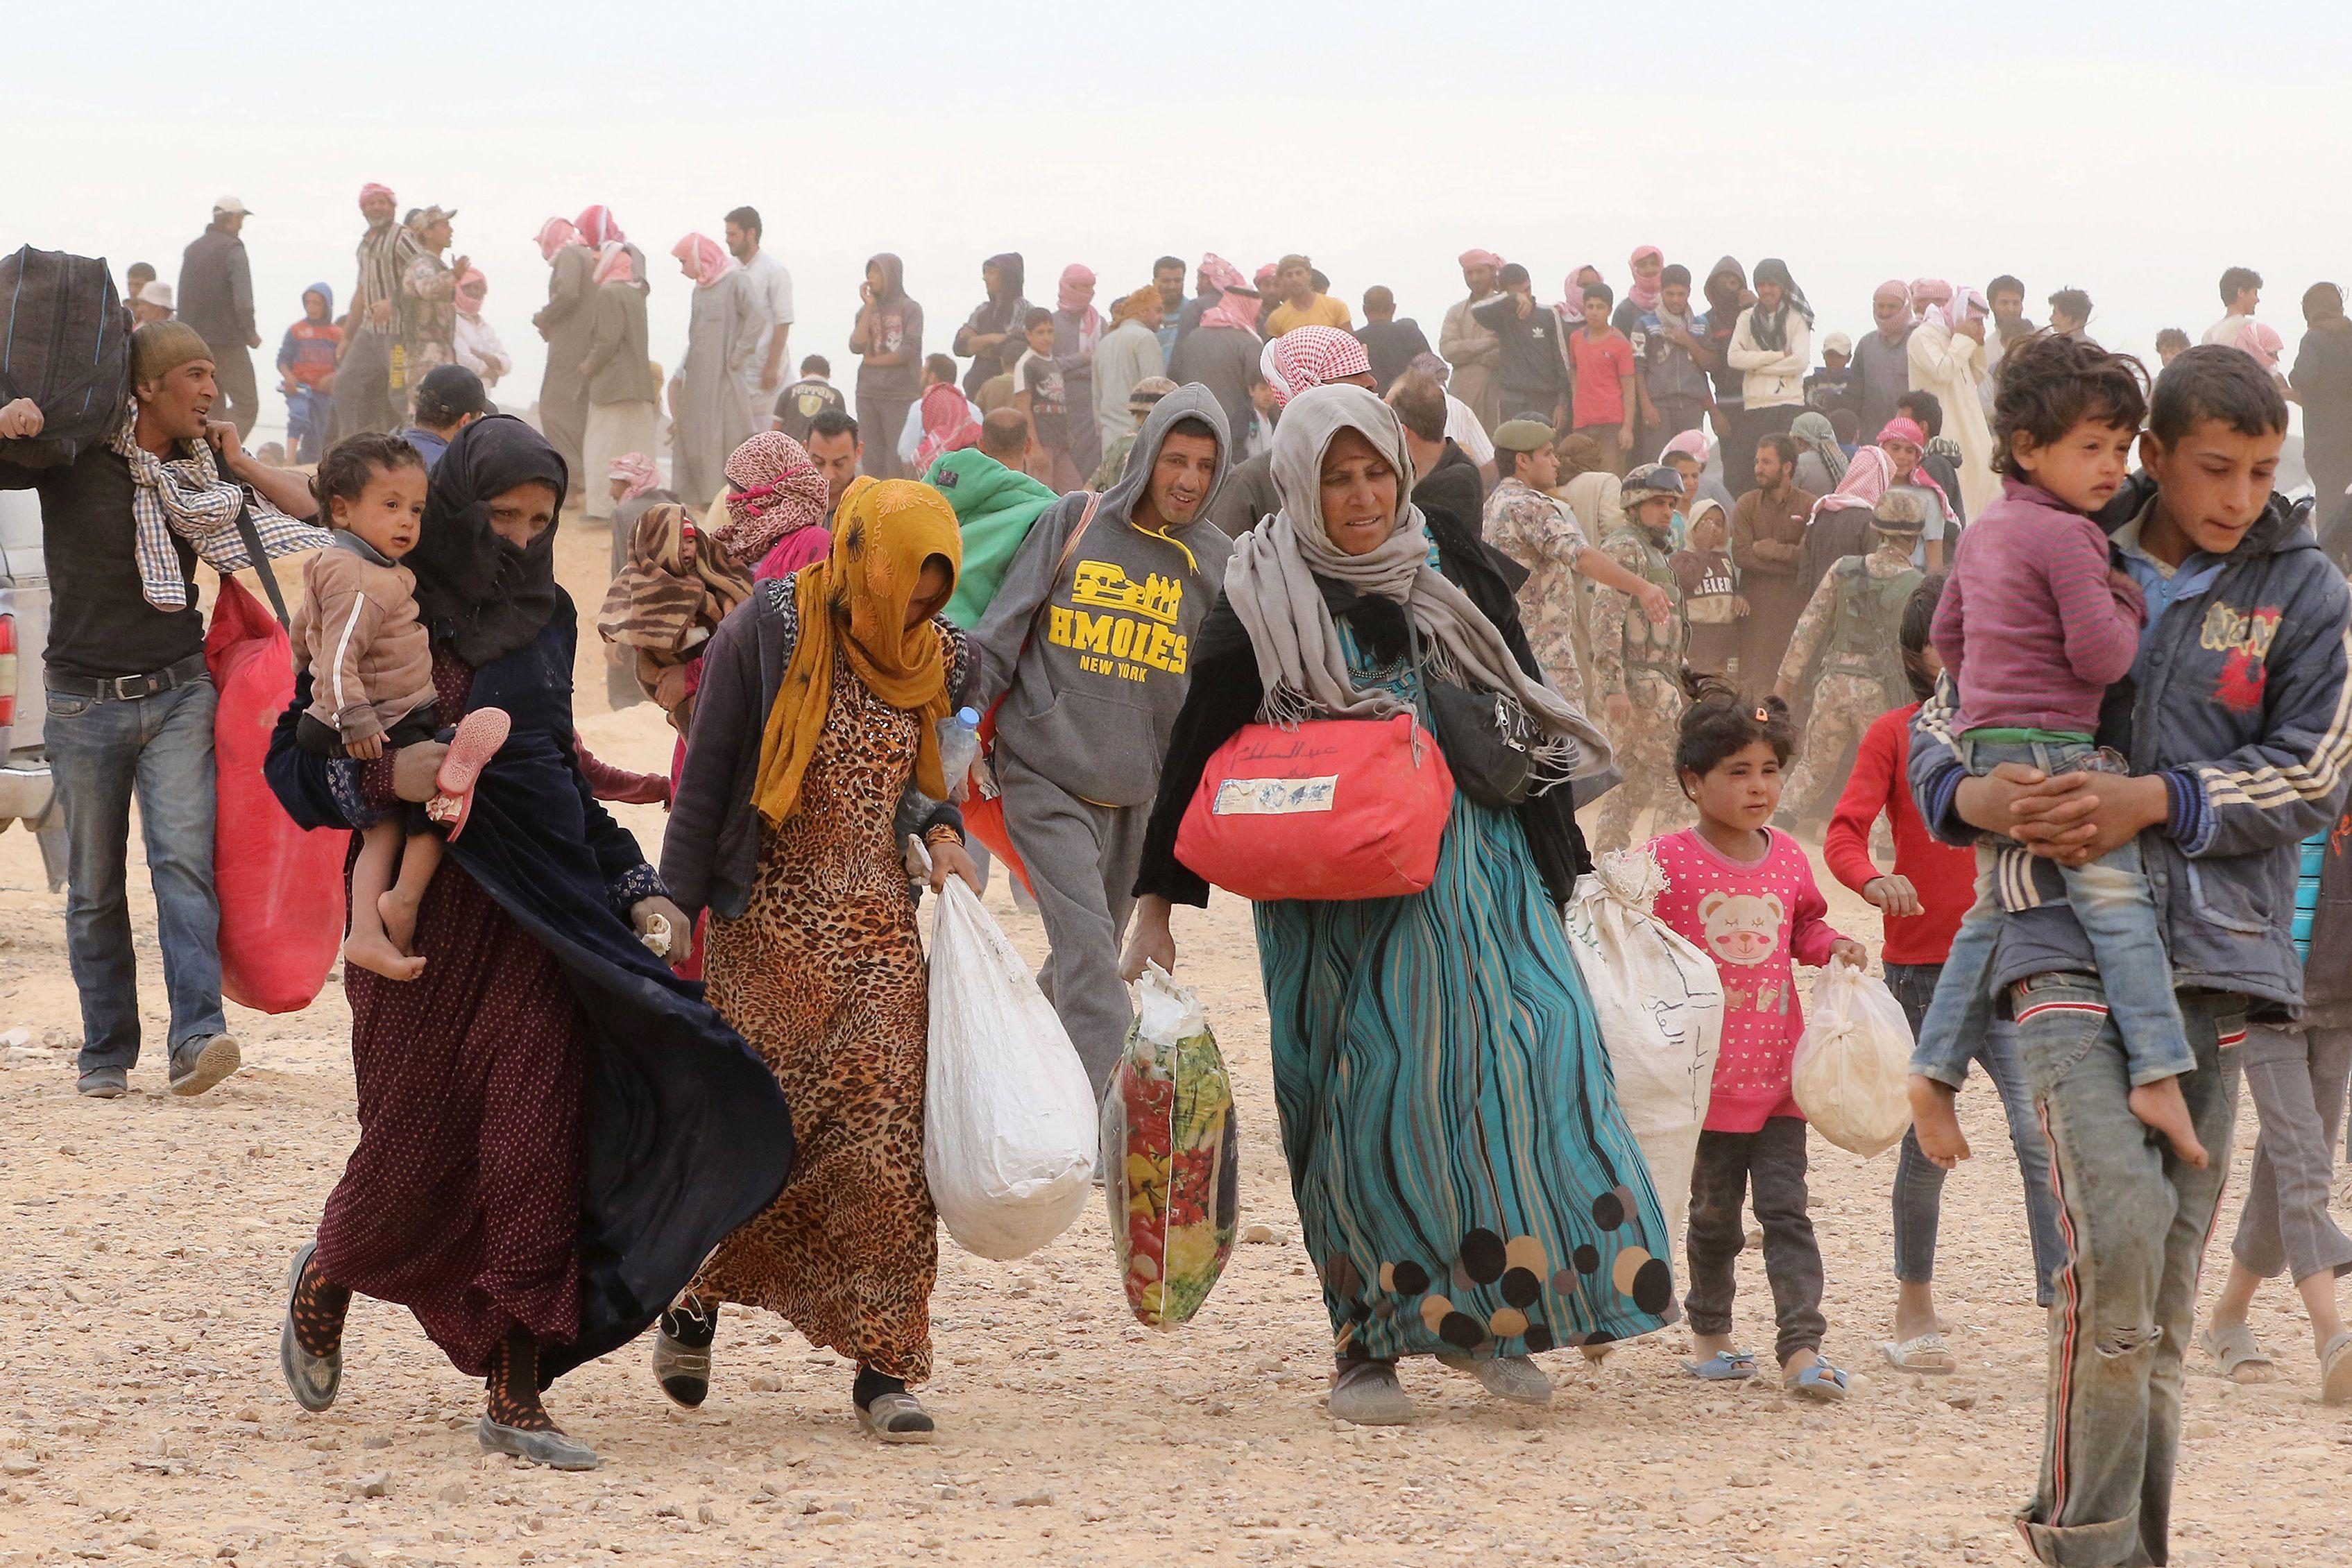 syria-refugees_34hu058ojc5z1taanejzf192j